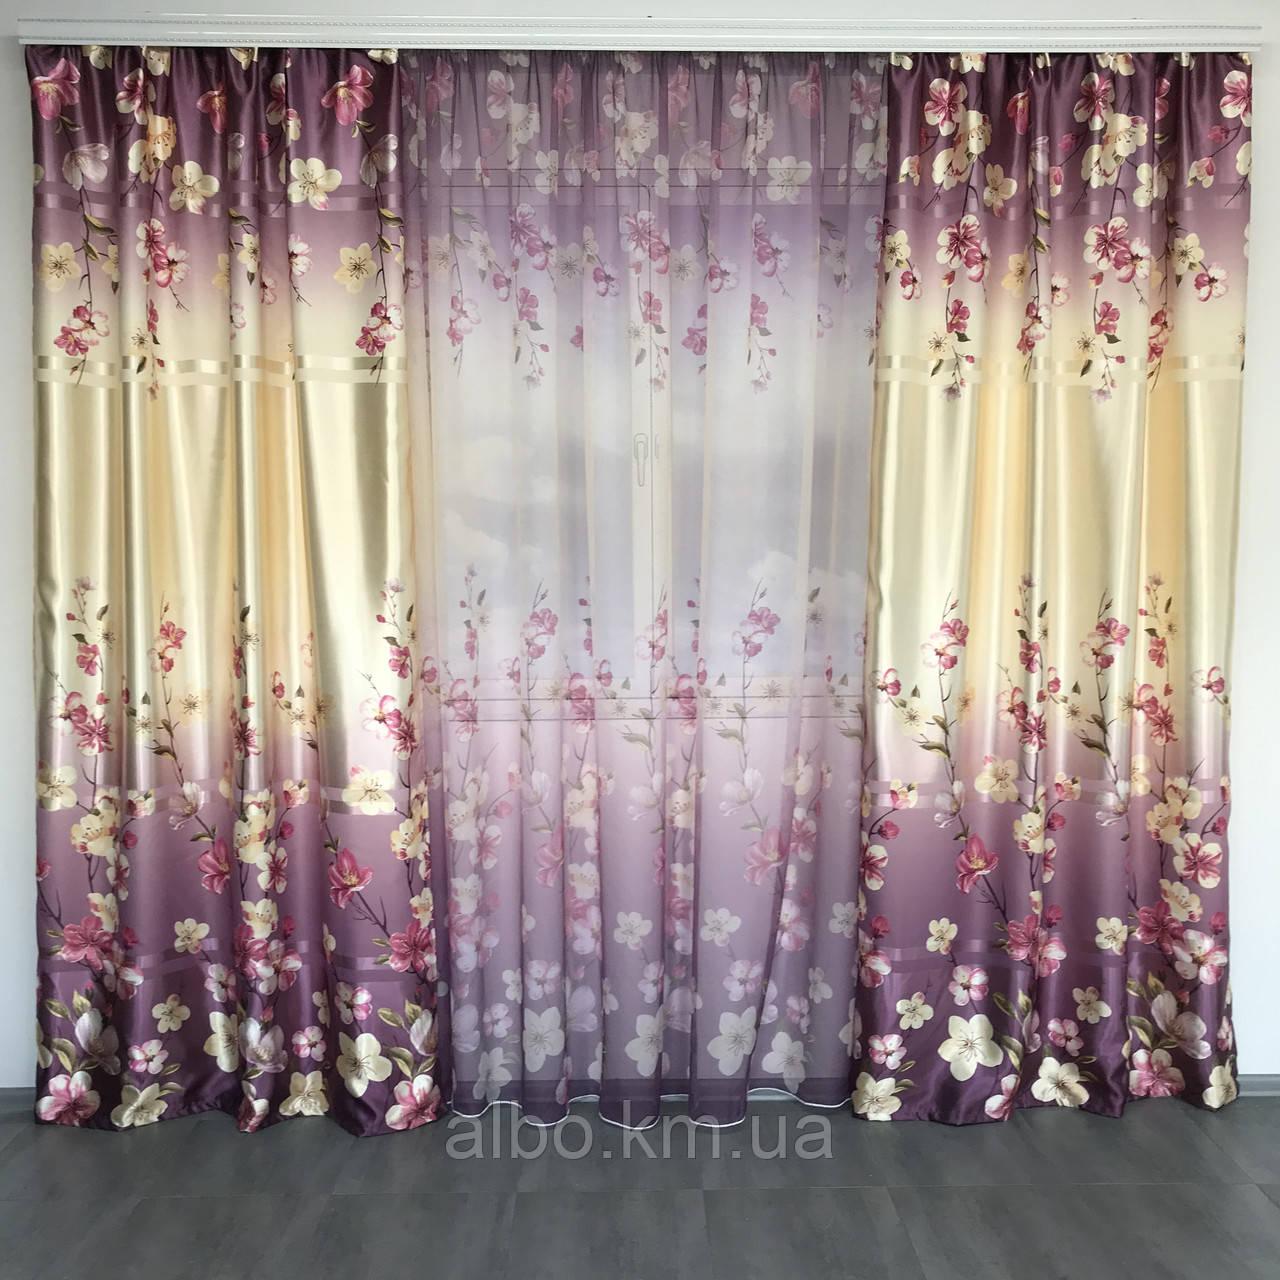 Штори з квітковим принтом в кімнату спальню зал, атласні штори для будинку кухні дитячої, штори і тюль з атласу для залу спальні